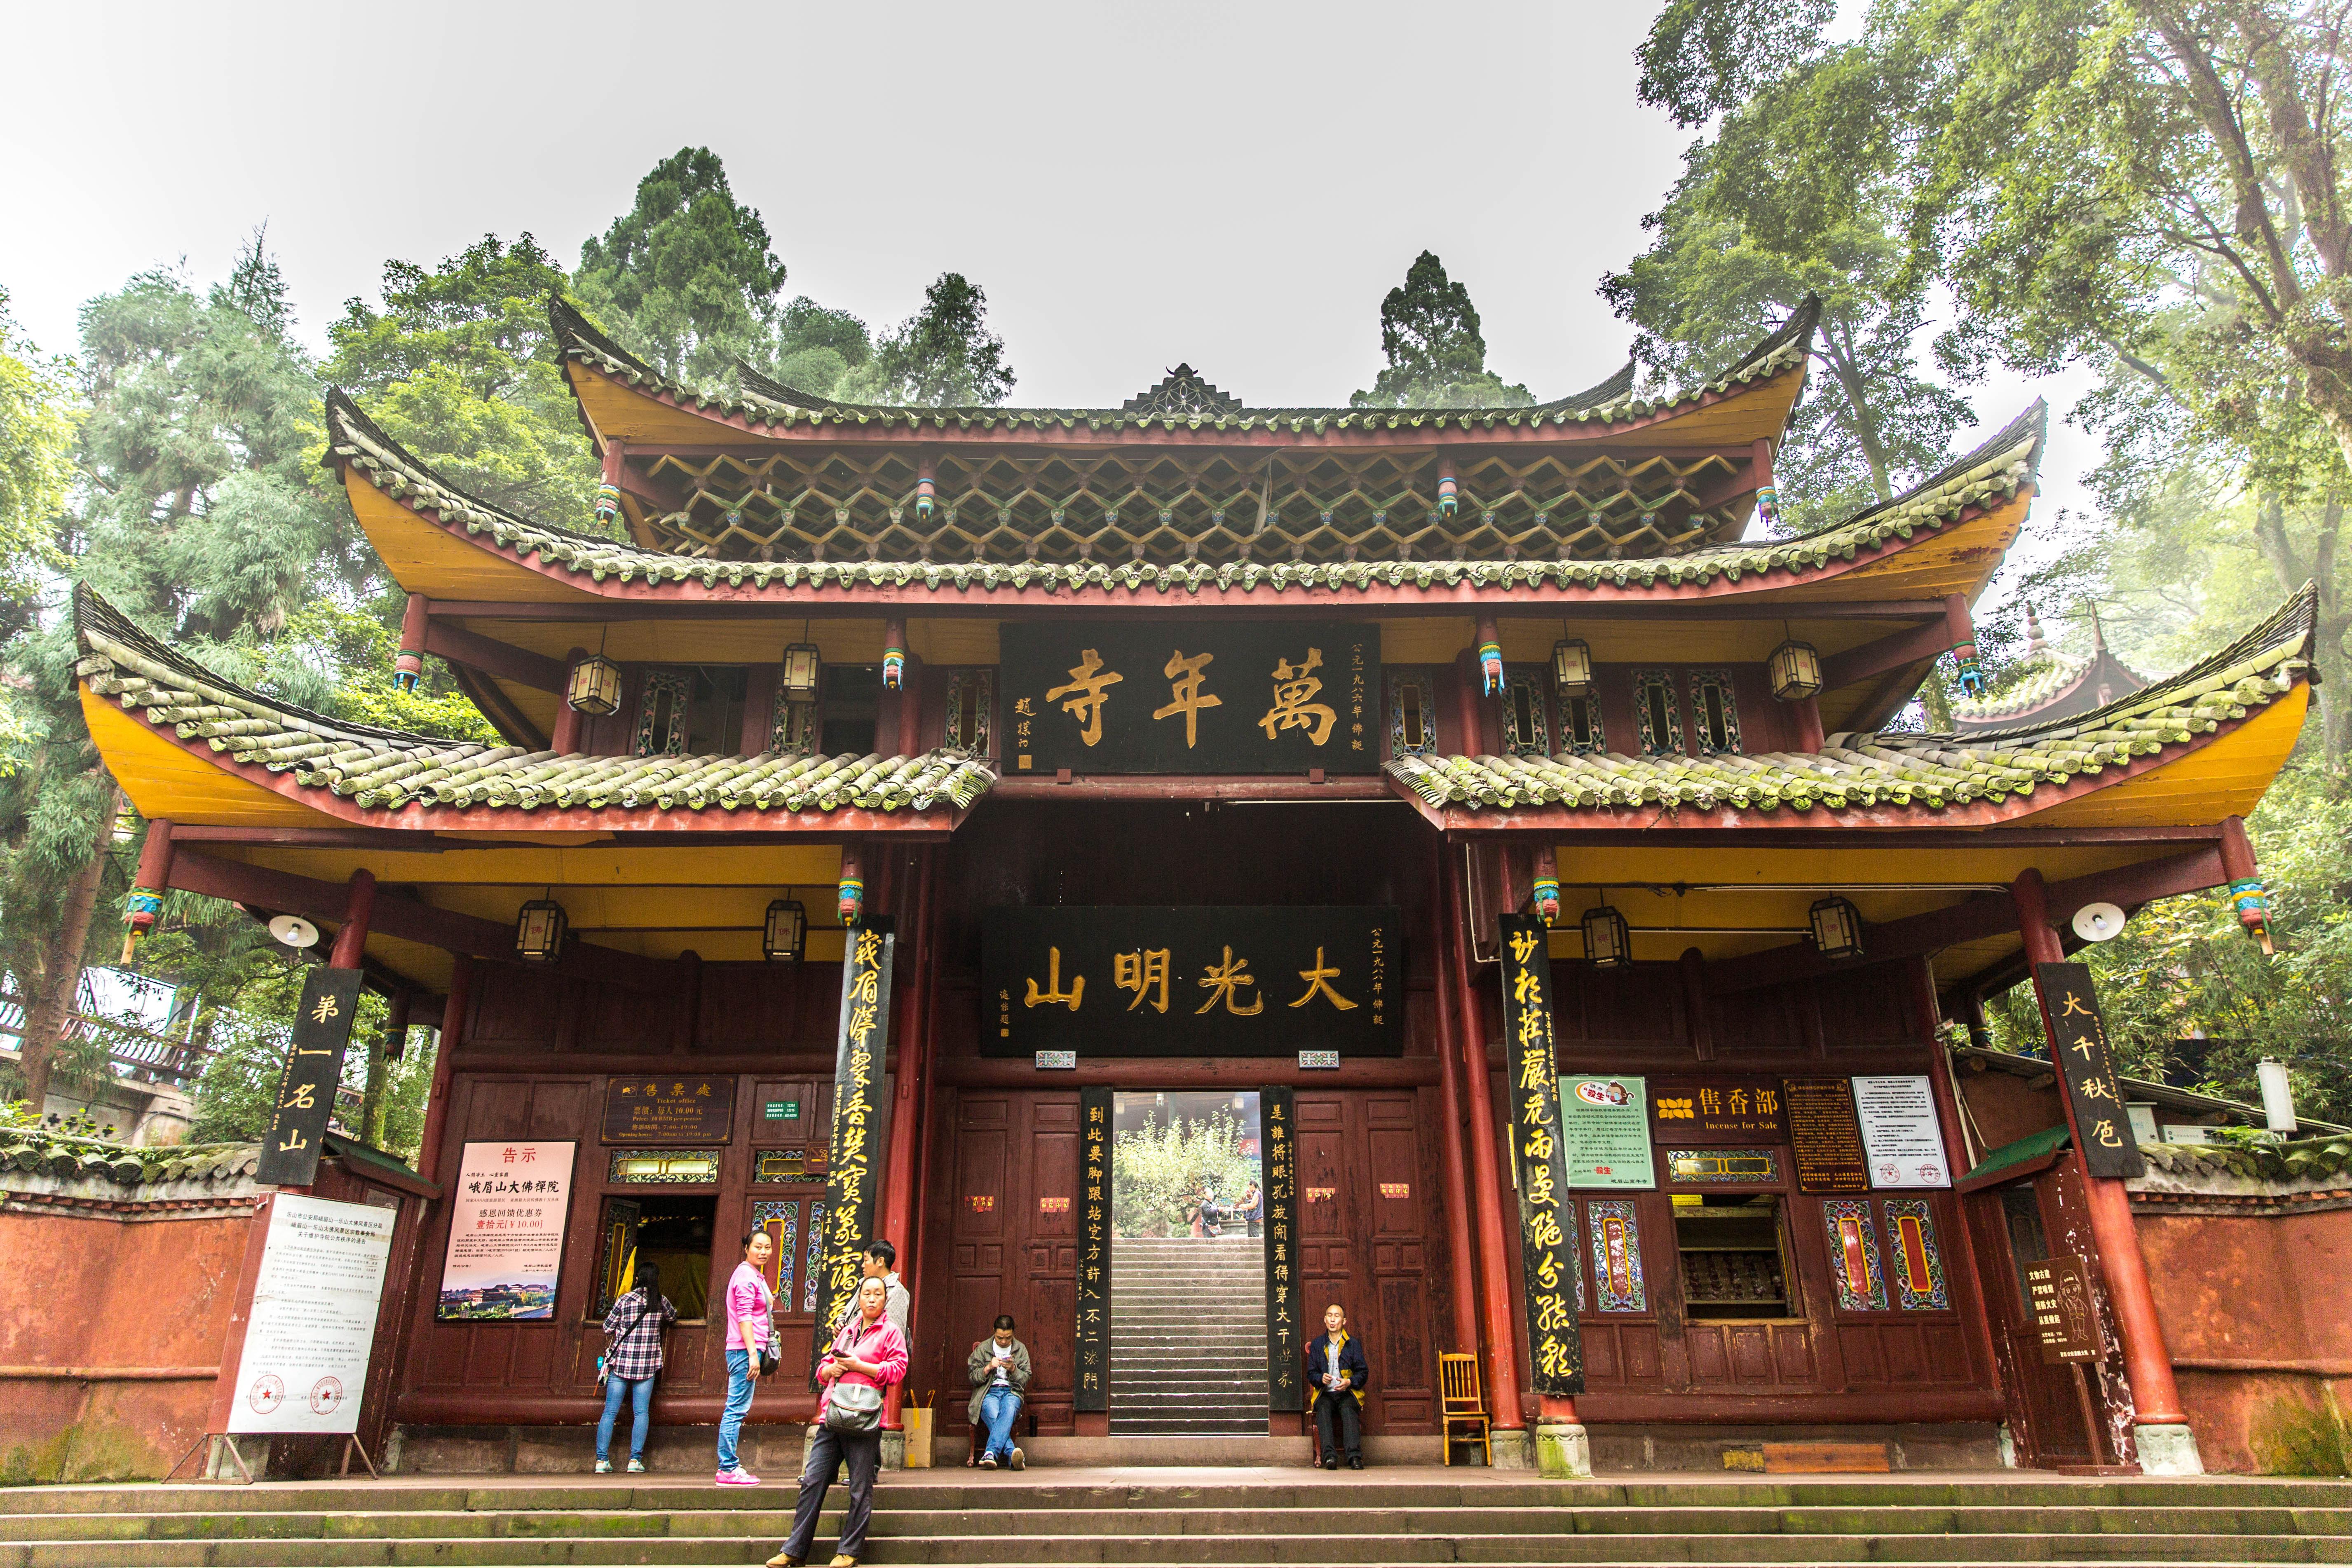 全寺除砖殿为砖石穹隆顶外,其余均为木结构.